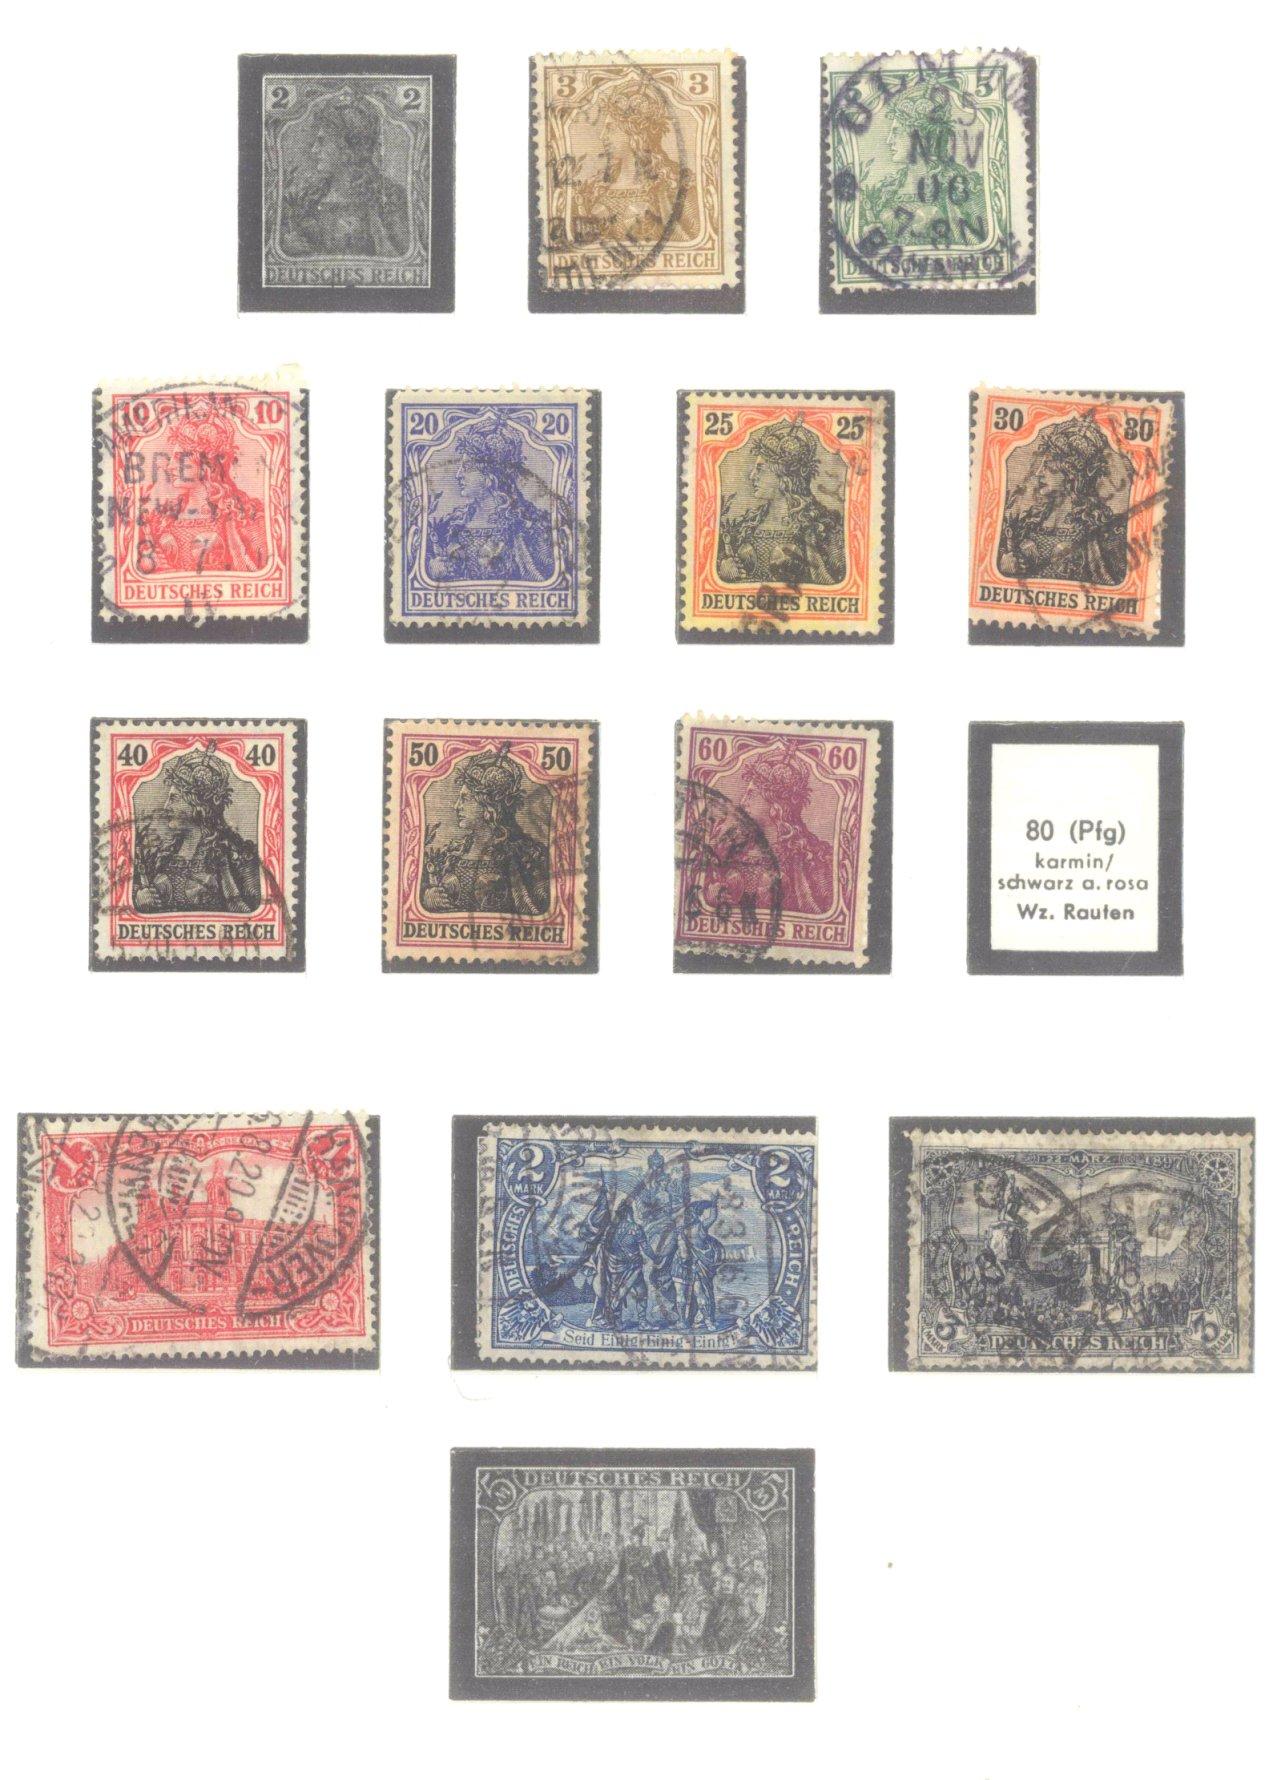 DEUTSCHES REICH – KAISERREICH 1872-1915-5